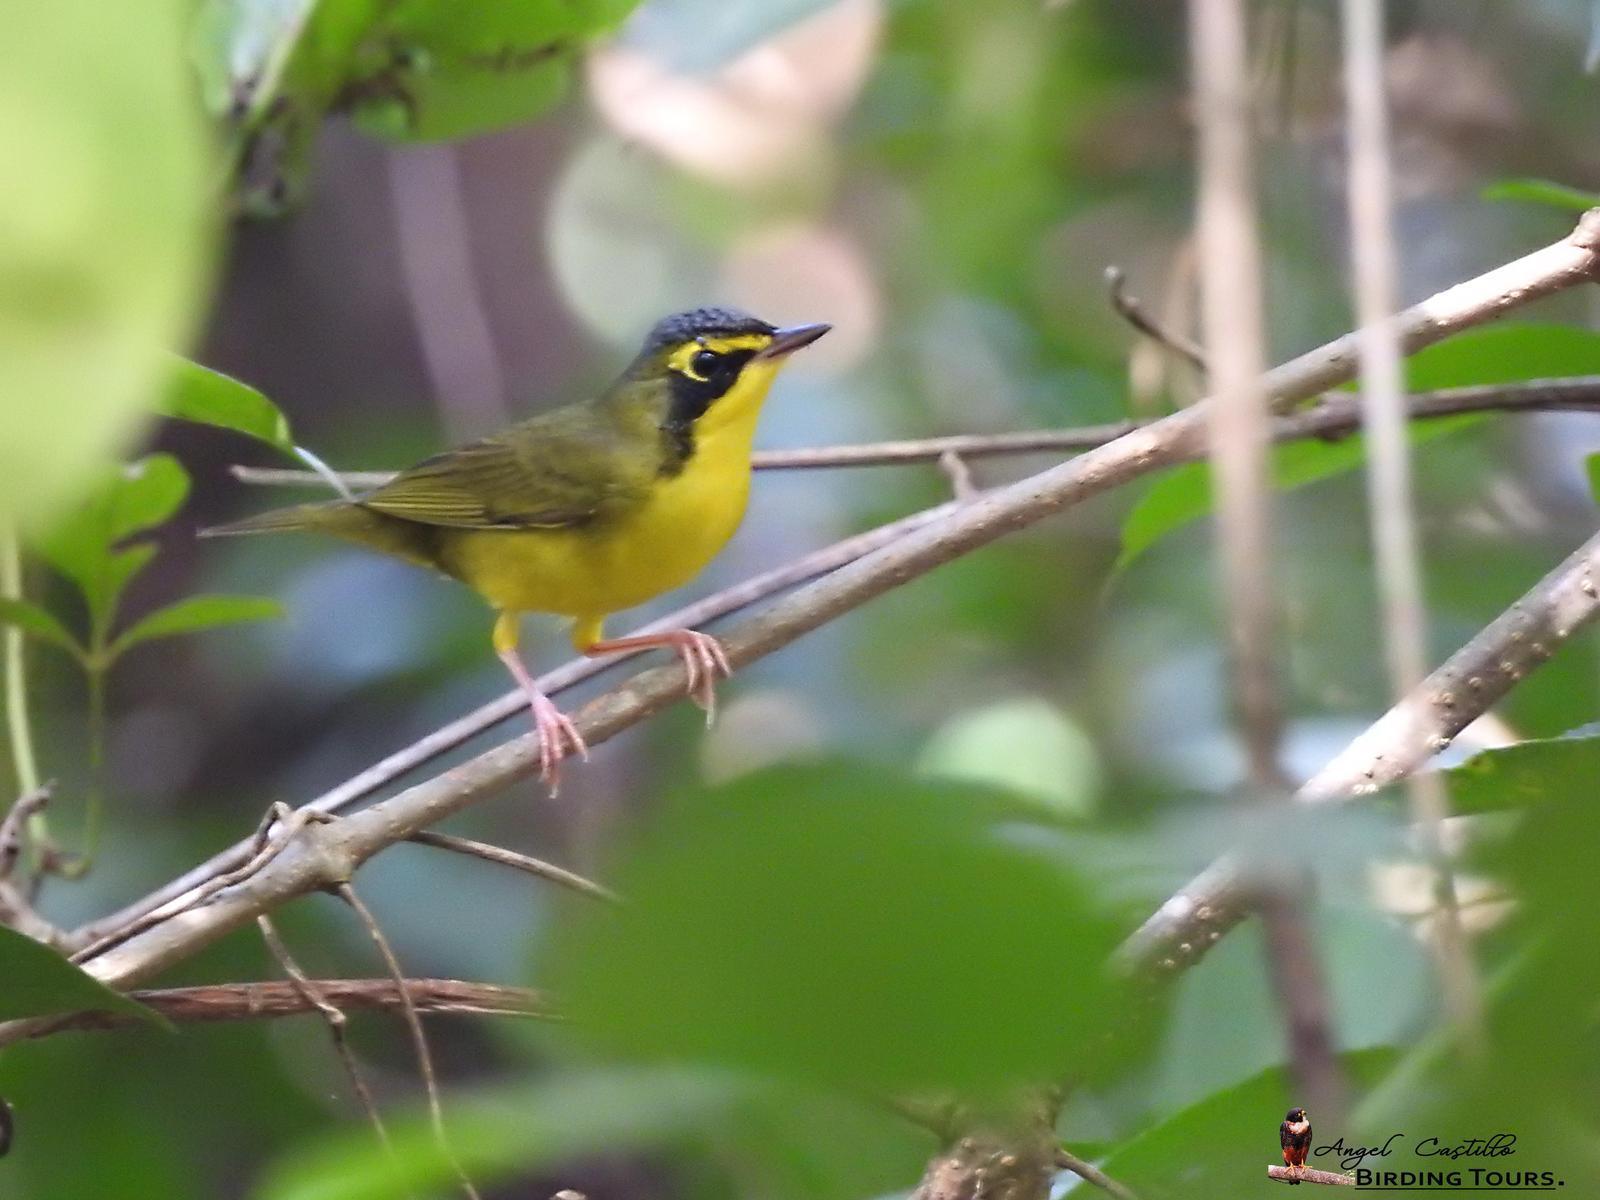 Kentucky Warbler Photo by Castillo Cime